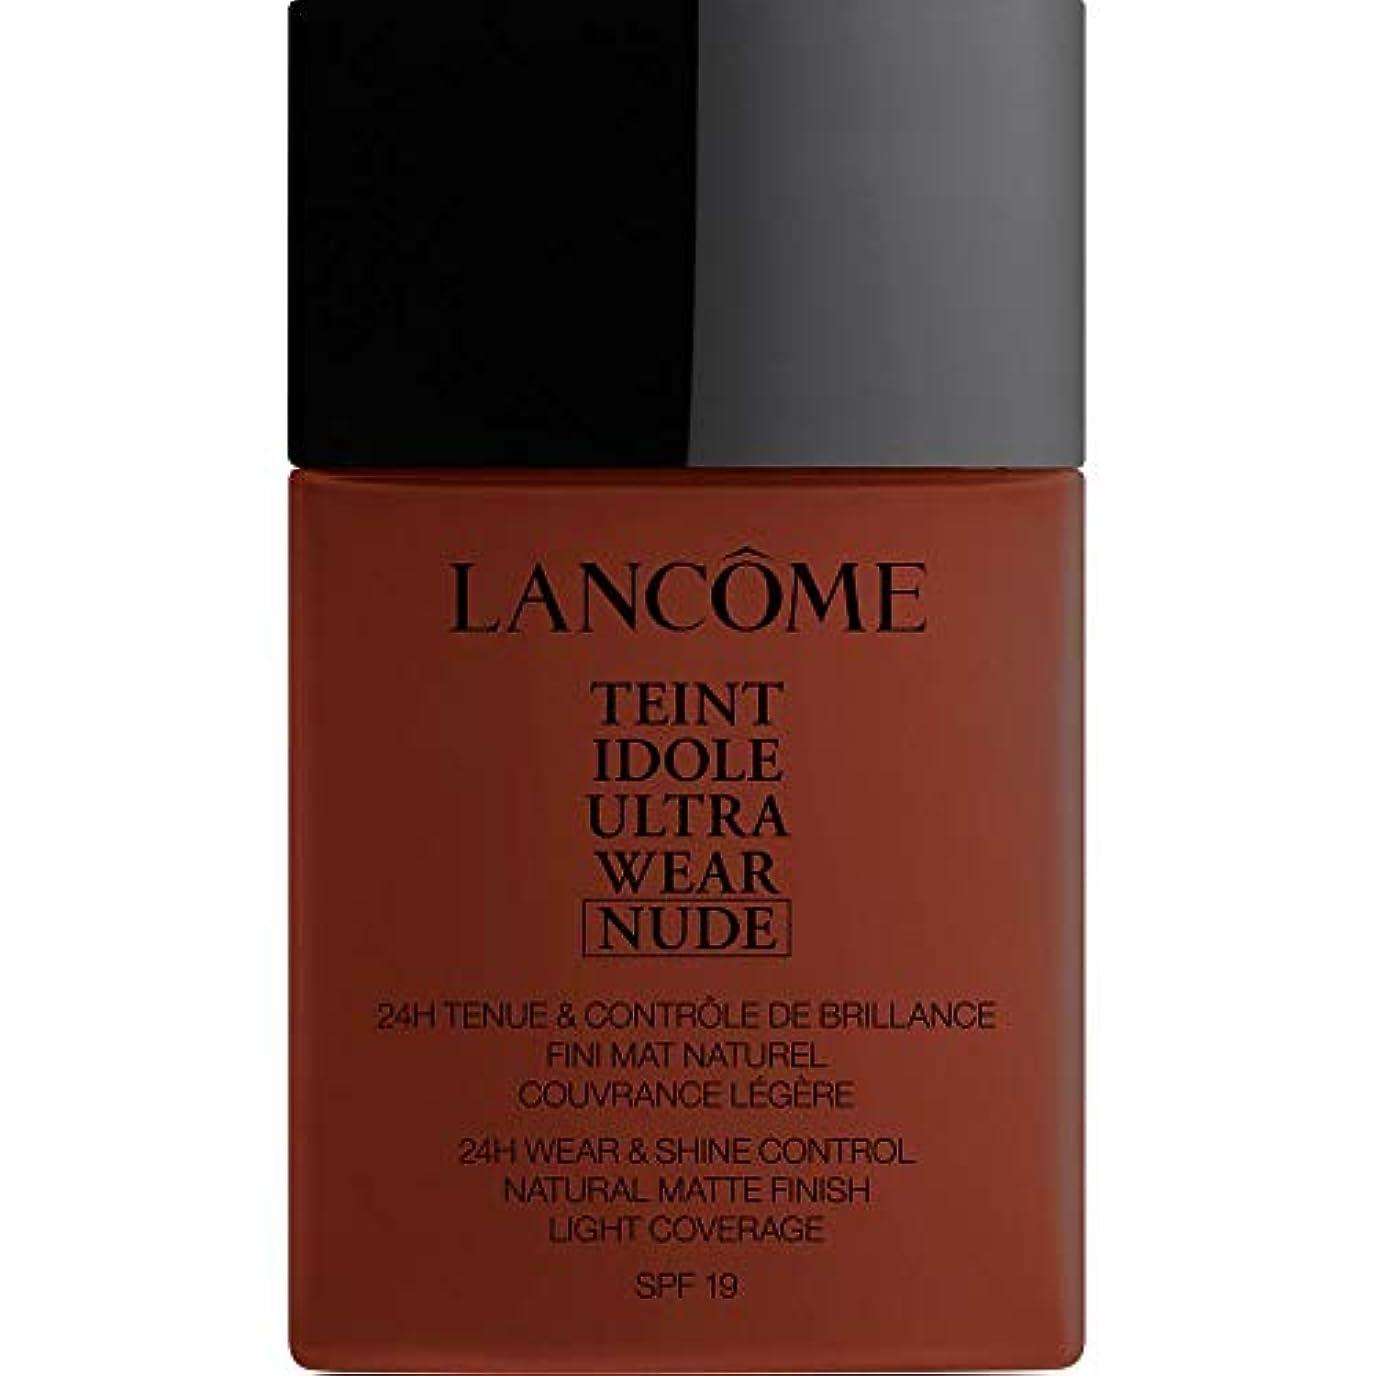 侵略ピンチペチュランス[Lanc?me ] ランコムTeintのIdole超摩耗ヌード財団Spf19の40ミリリットル16 - カフェ - Lancome Teint Idole Ultra Wear Nude Foundation SPF19...